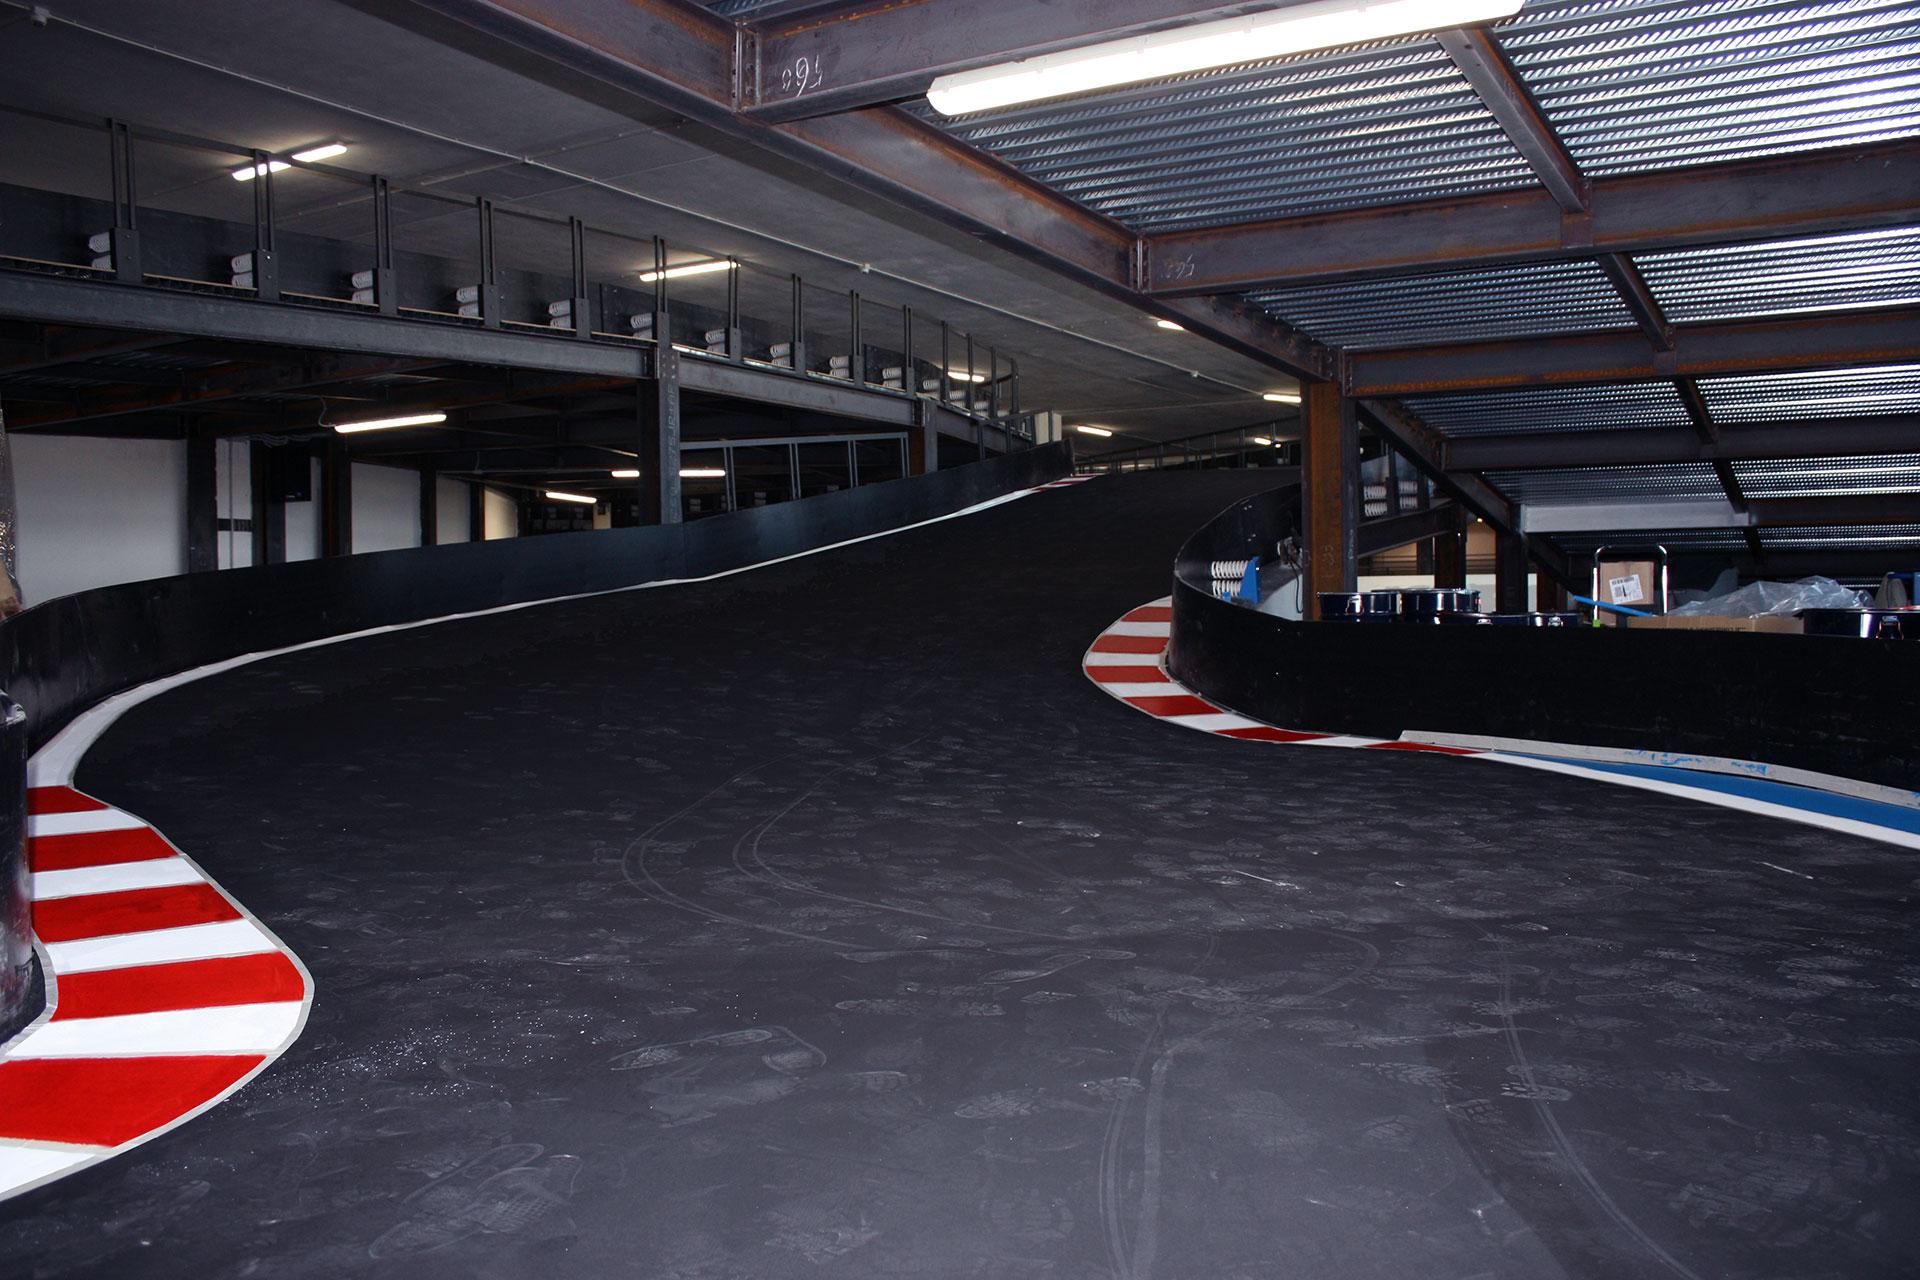 Kartodromo_004